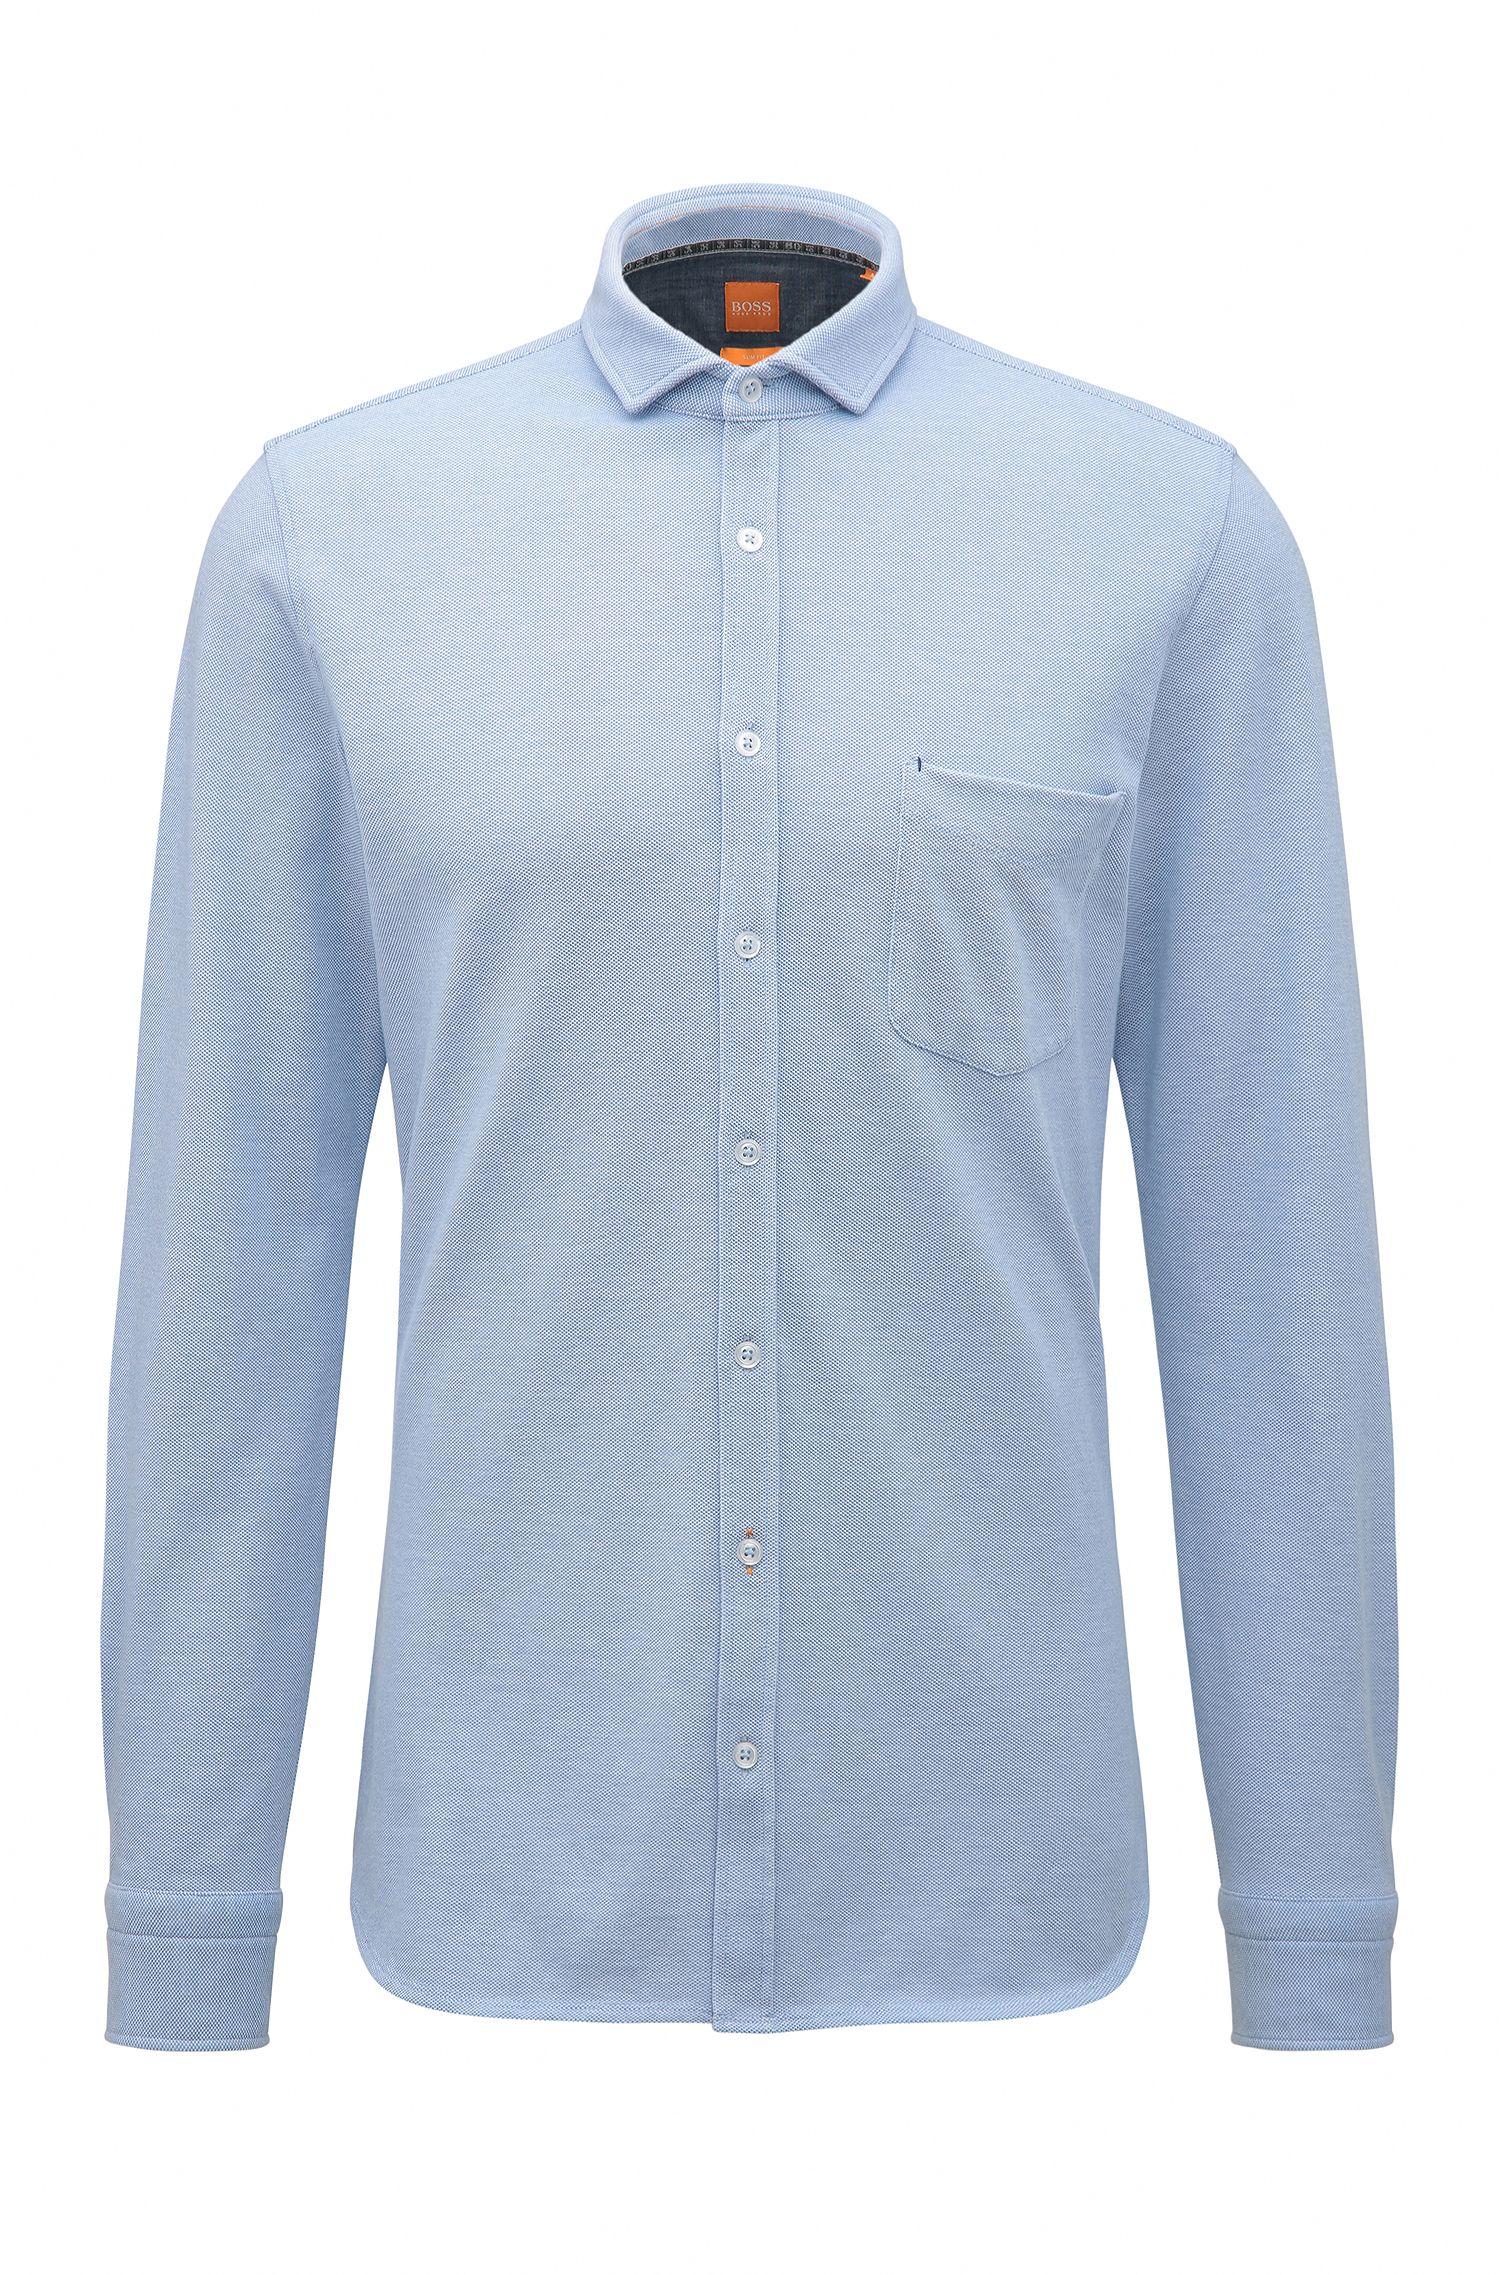 T-shirt Slim Fit en jersey simple de coton